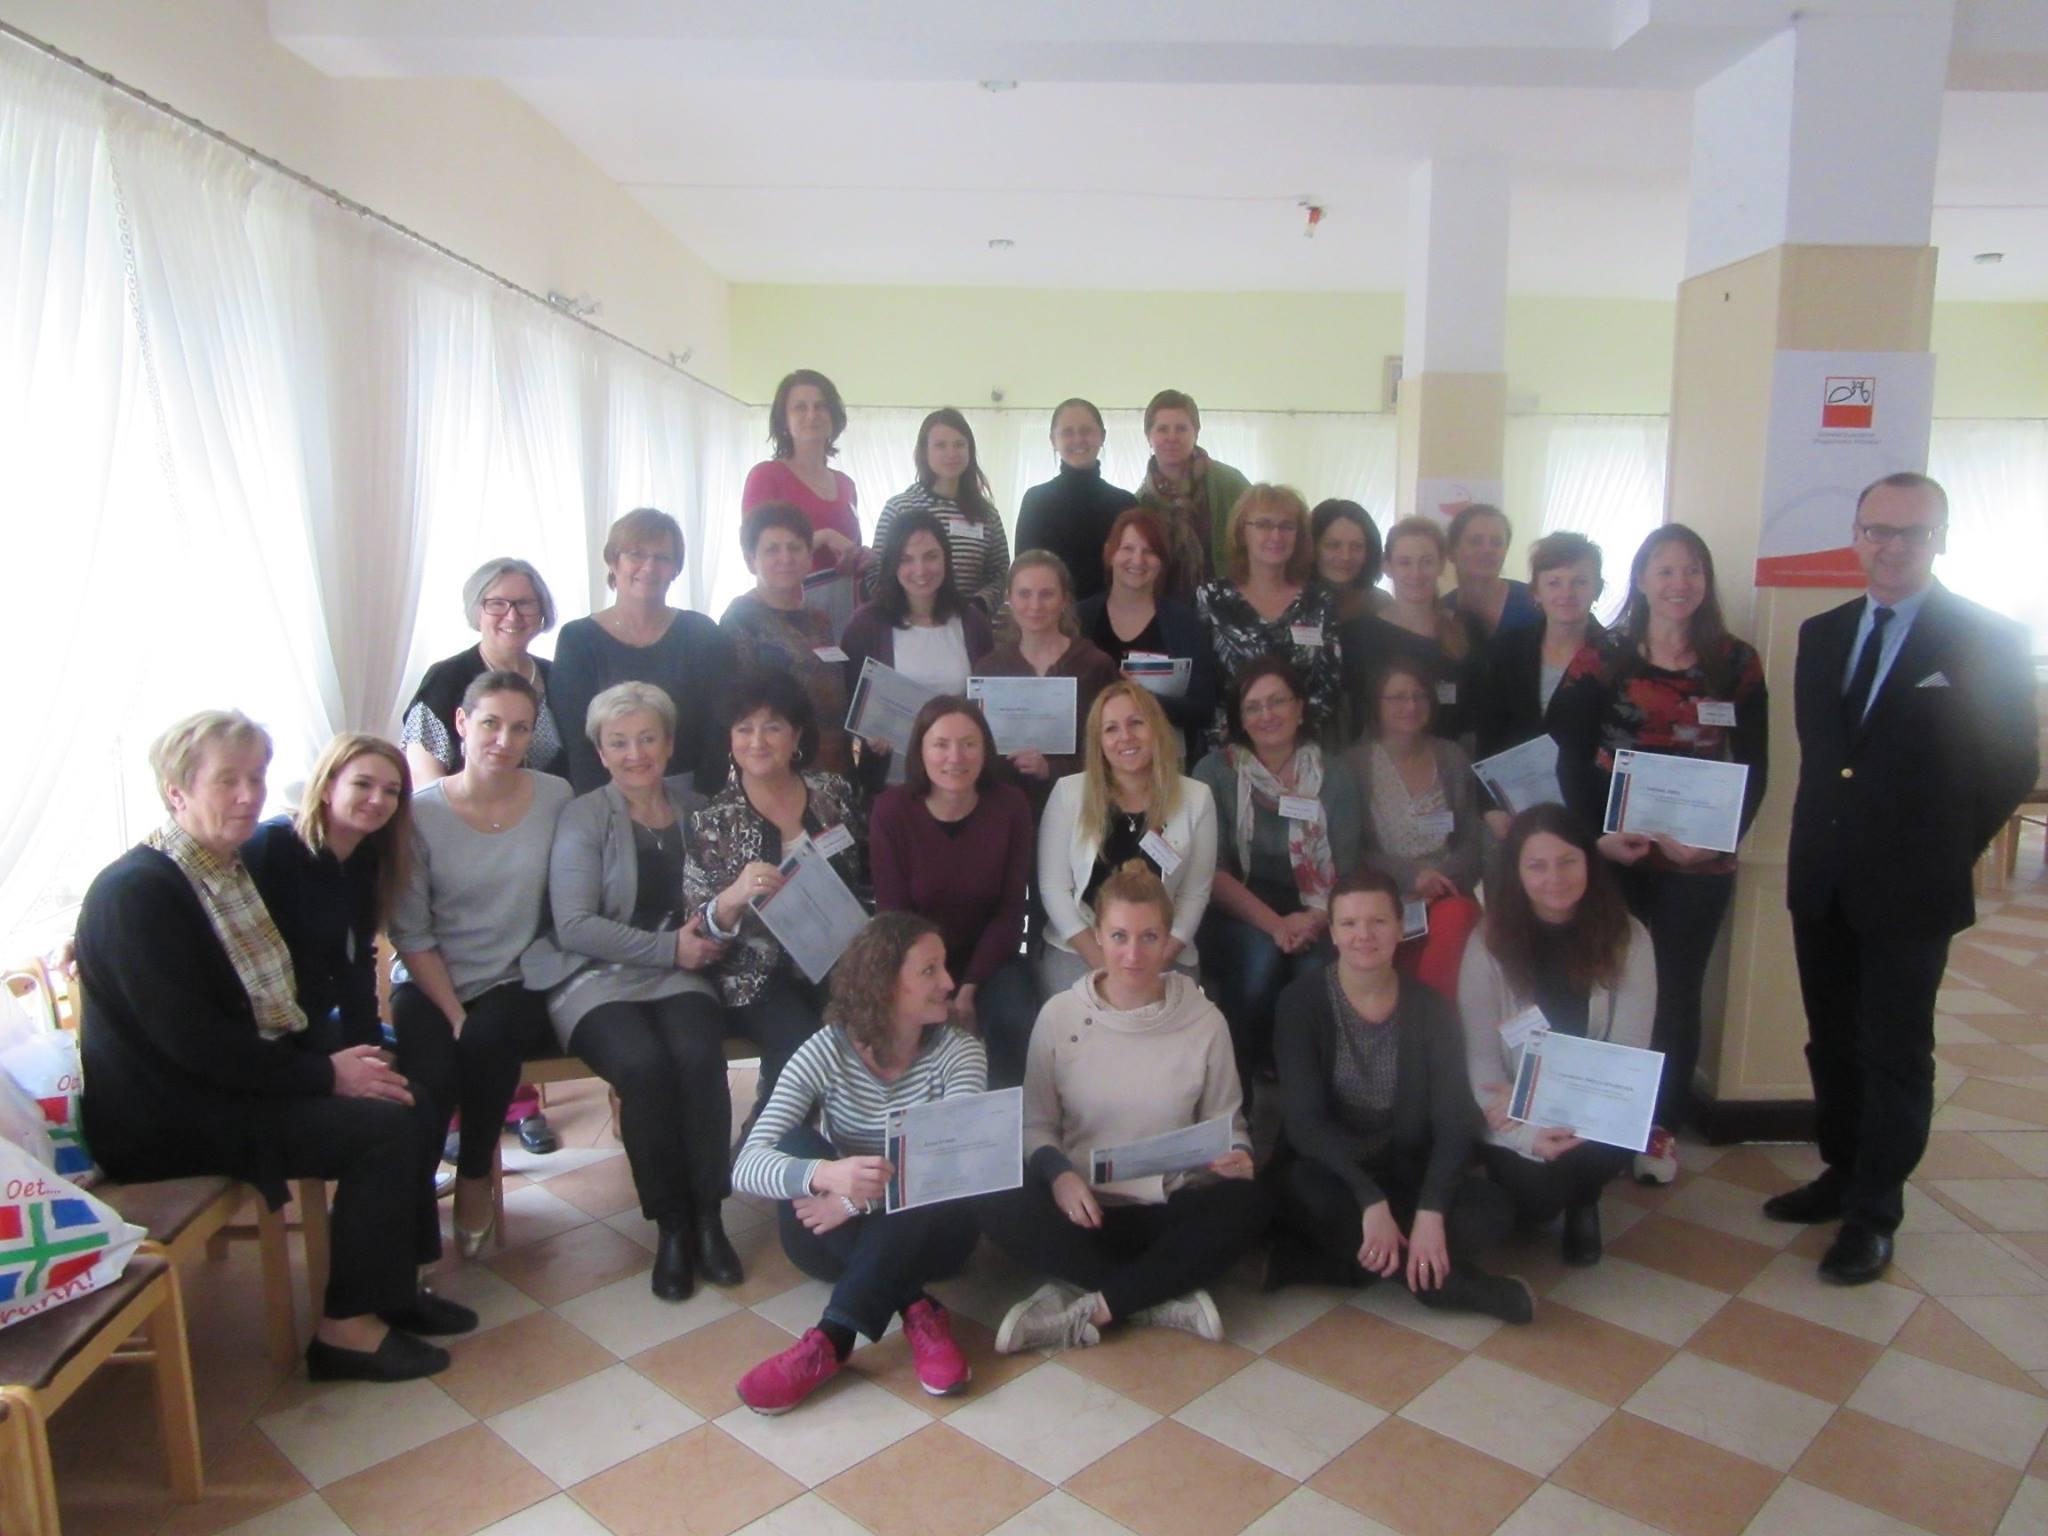 Konferencja metodyczna wBelgii 21-2 2 nov 2015